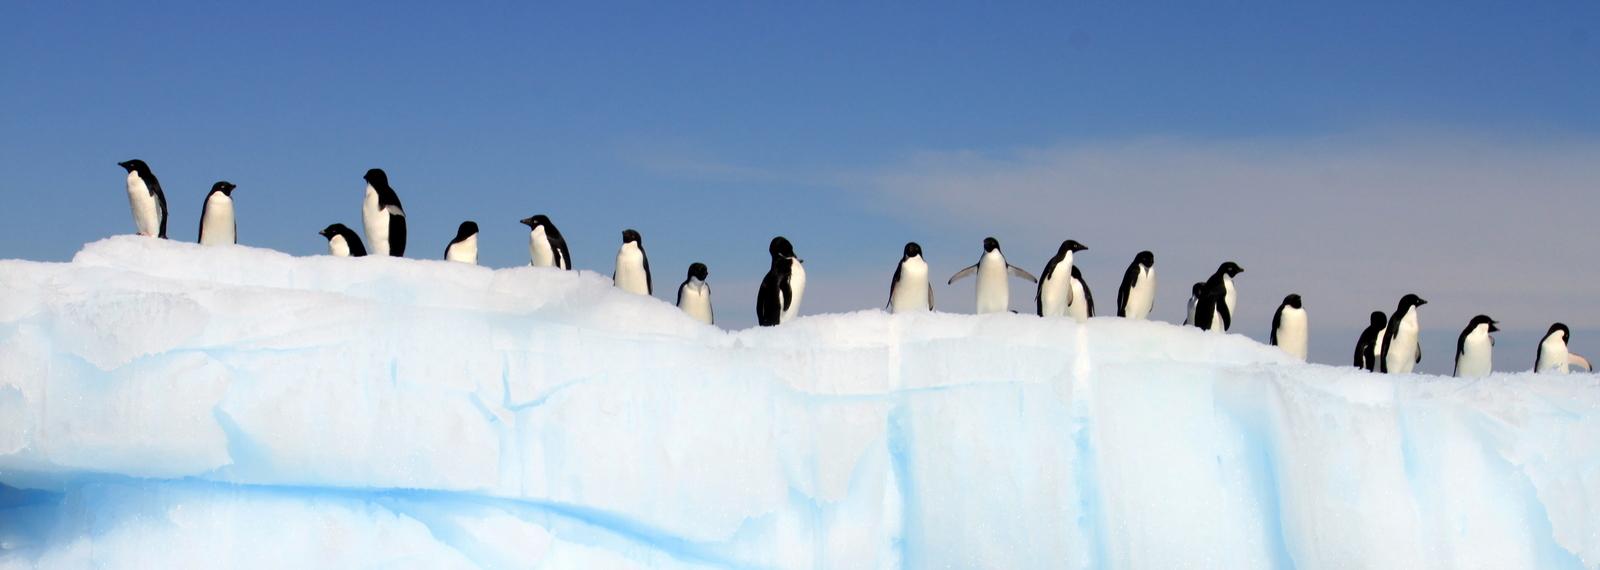 Antarctica, Danger Islands, Platter Island, Adelie Penguin